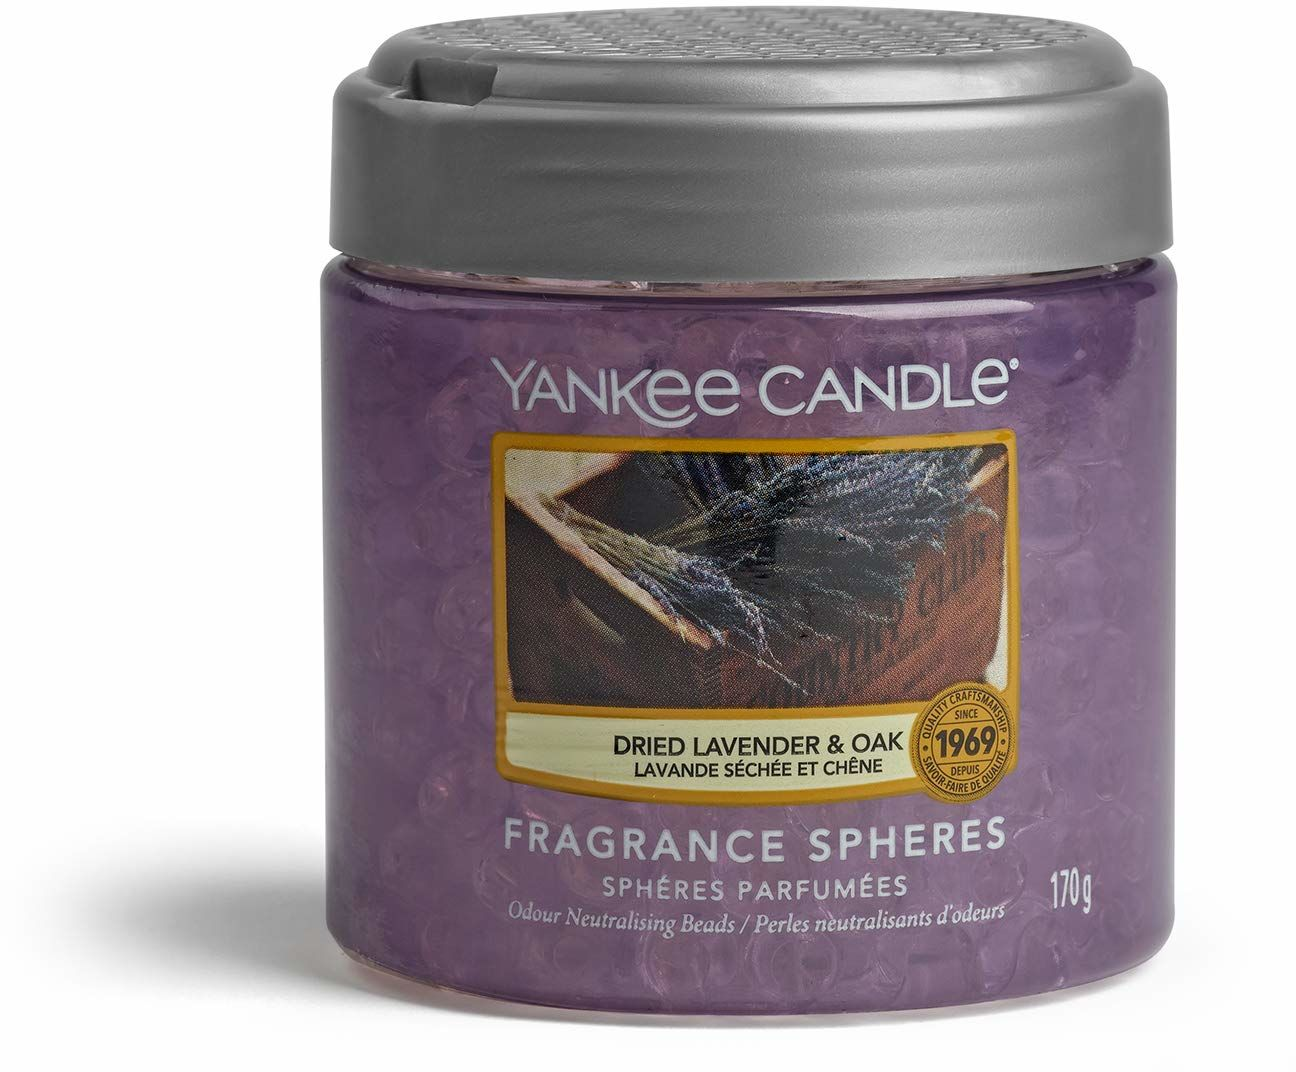 Yankee Candle Odświeżacz powietrza w kulach zapachowych, kolekcja na rynek rolnika, wysycha lawendę i dąb, fioletowy